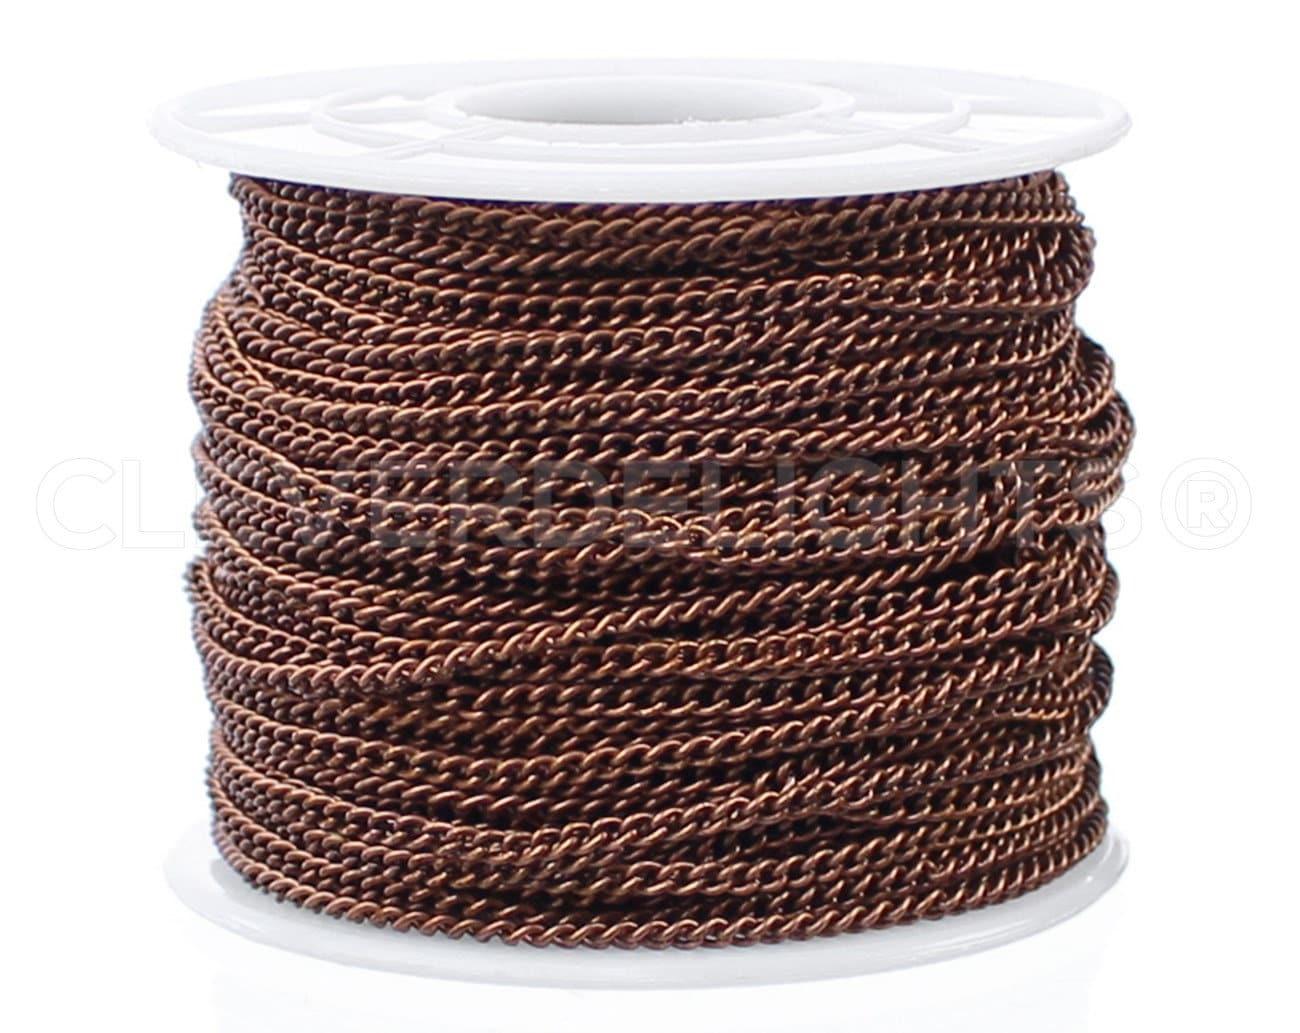 30 Gourmette pi - 2.2x3mm Gourmette 30 - couleur cuivre Antique - pour colliers et bijoux personnalisés - 2,2 mm x 3 mm torsadé maillons ovales e5f14f